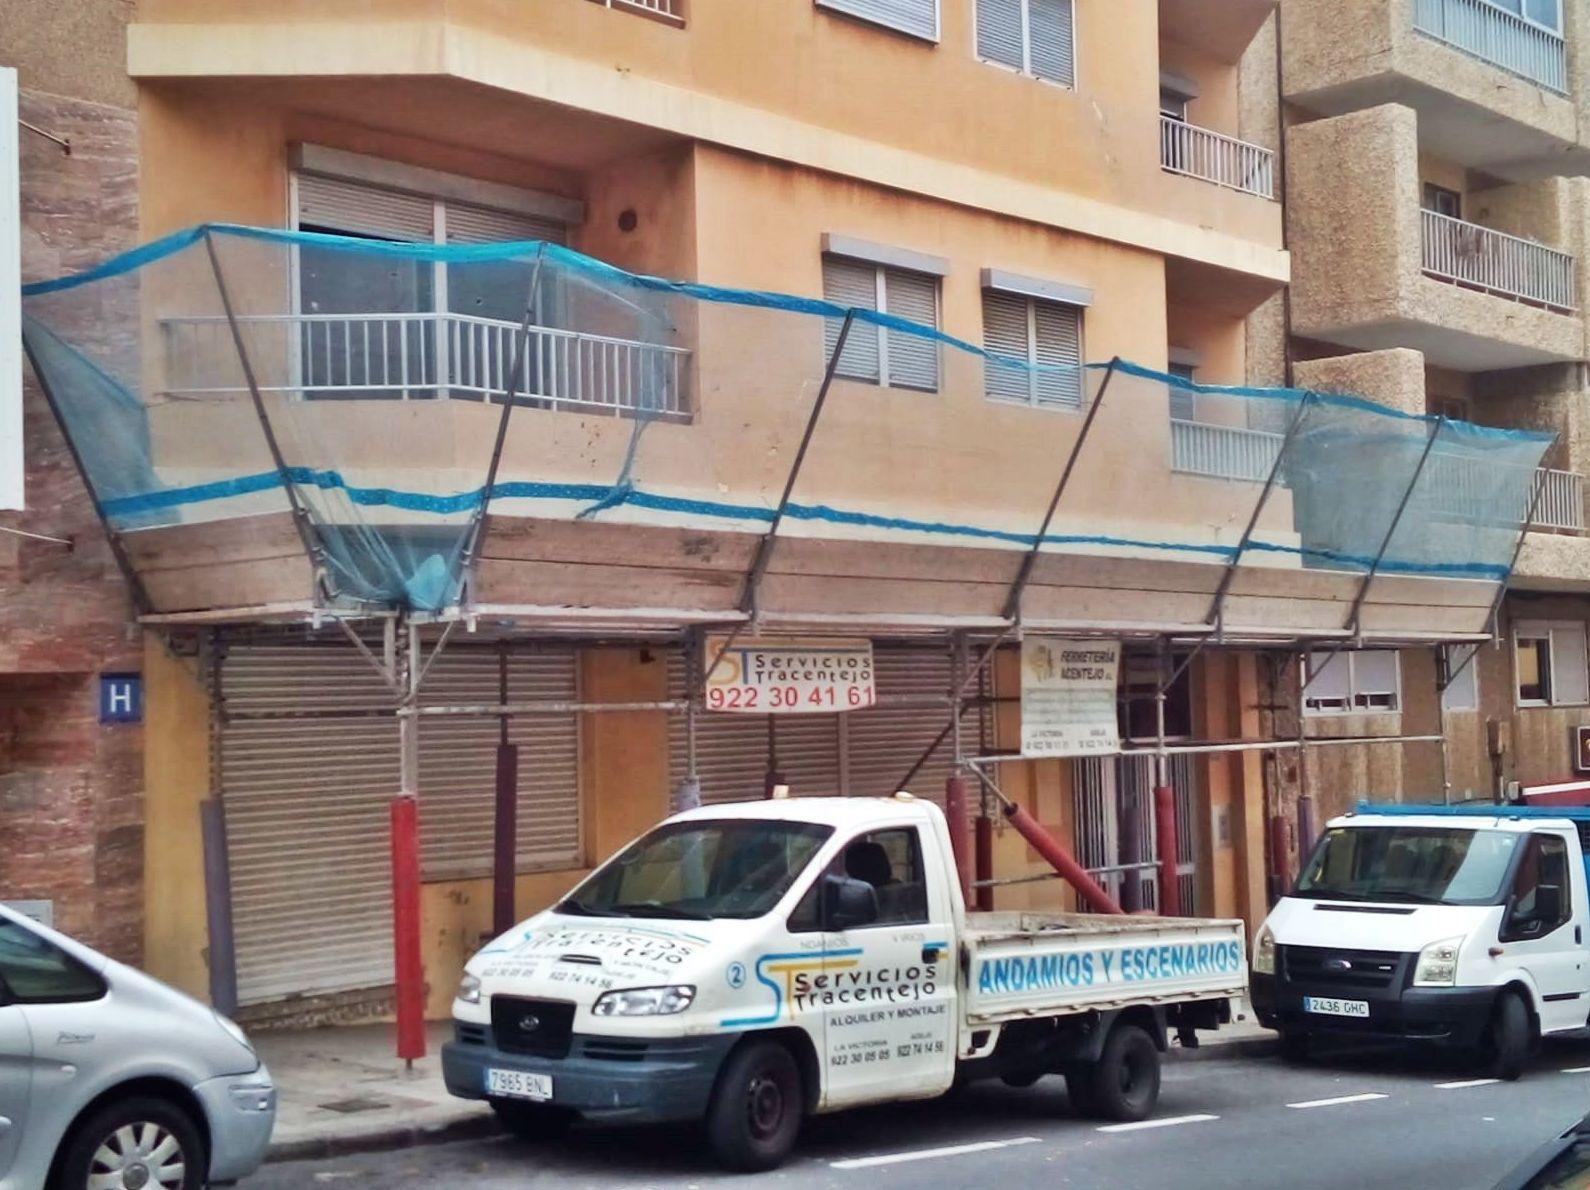 Foto 157 de Andamios en La Victoria de Acentejo   Servicios Tracentejo, S.L.